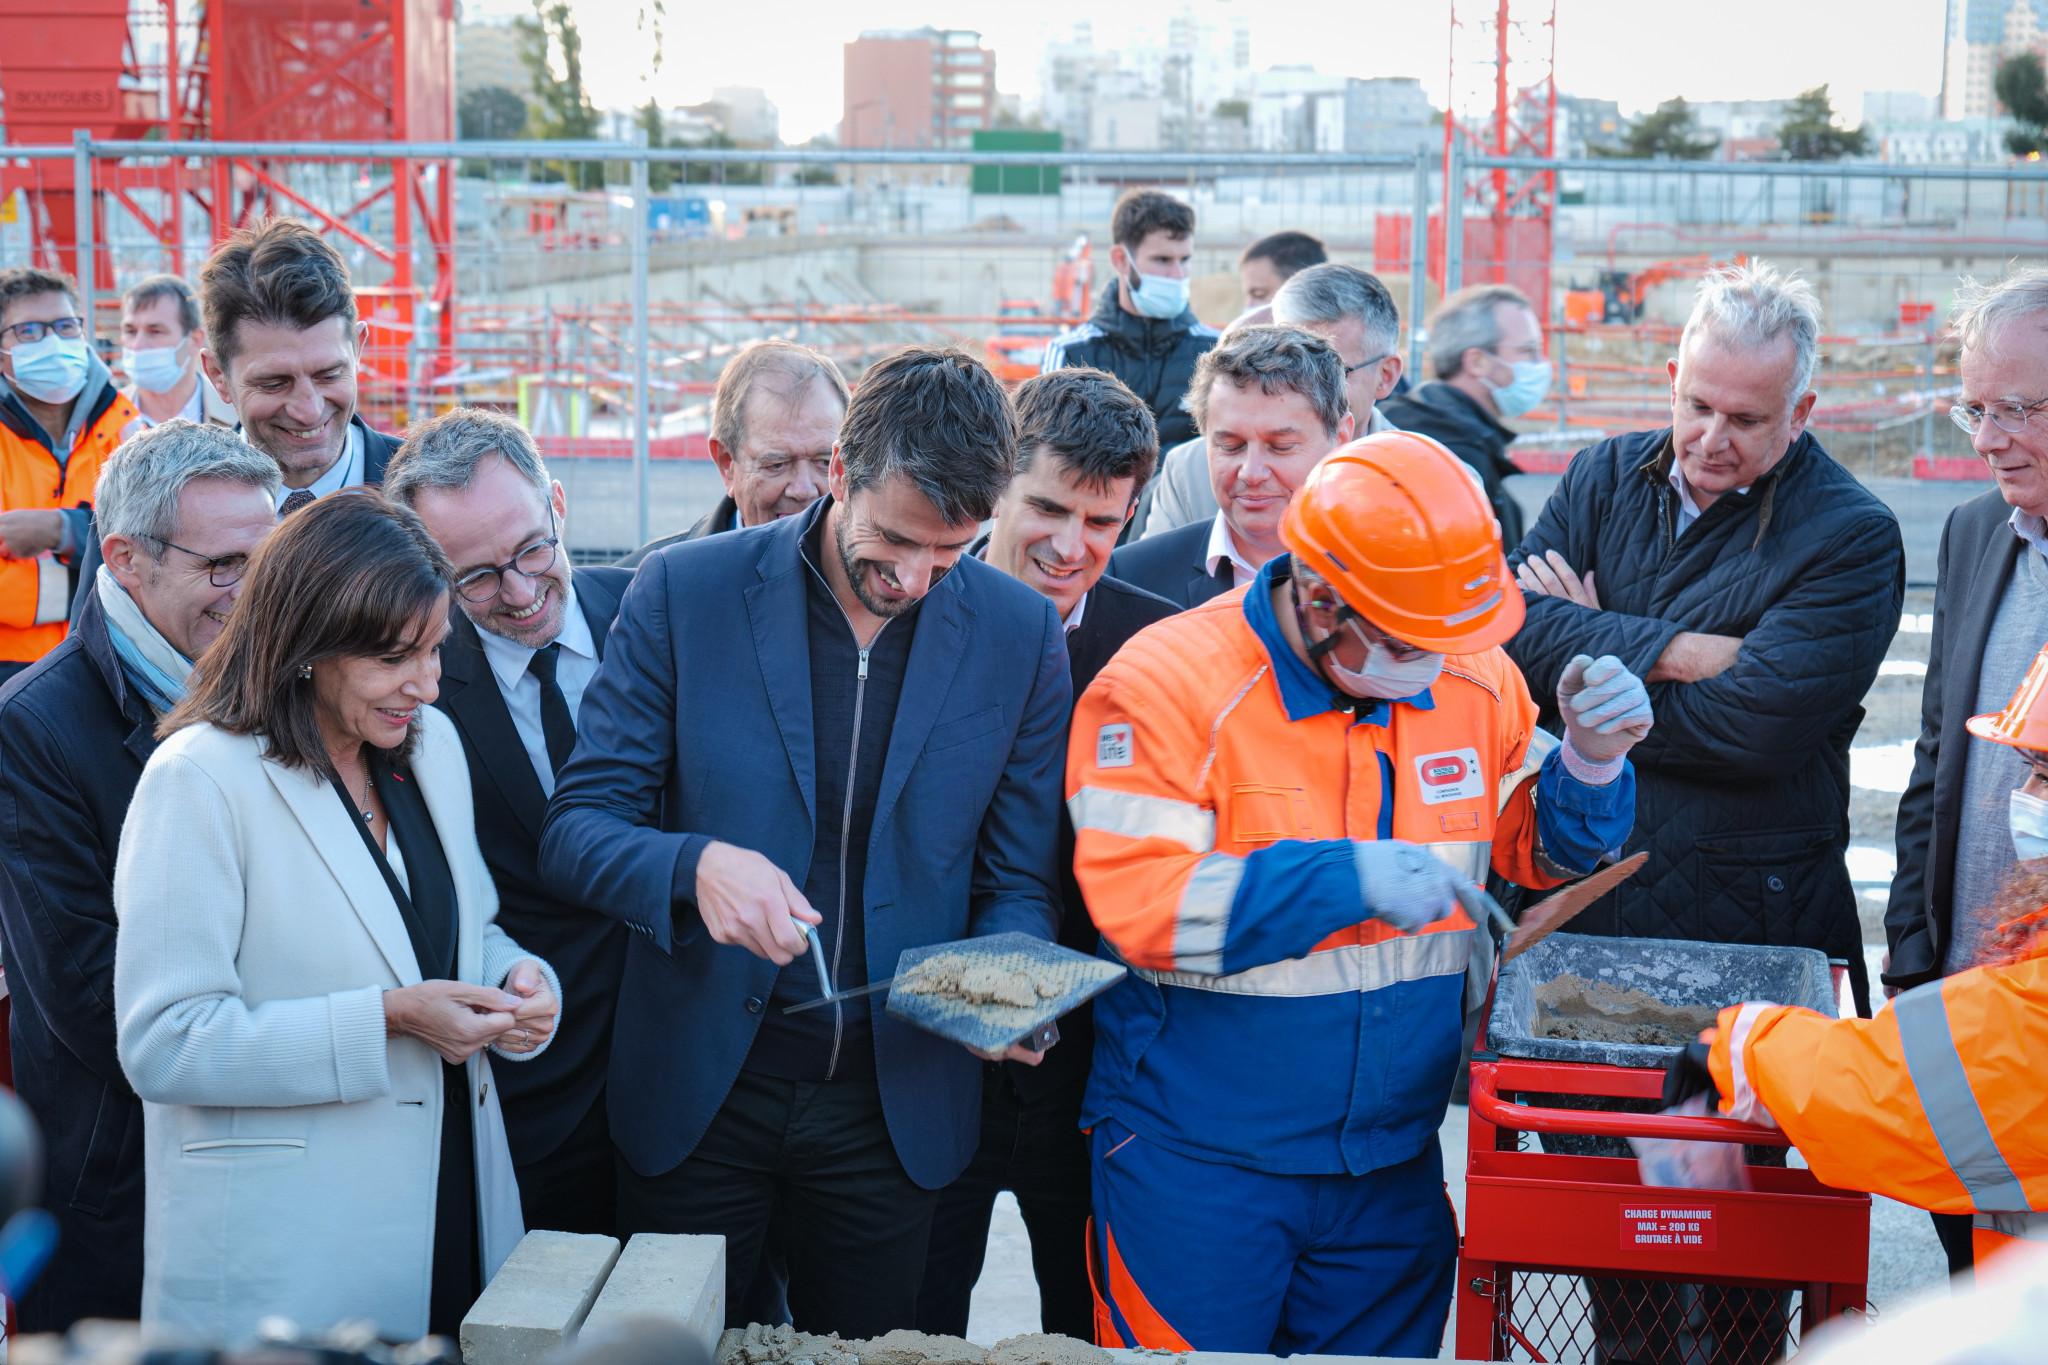 Paris Mayor Hidalgo lays first stone of Arena Porte de la Chapelle project for Paris 2024